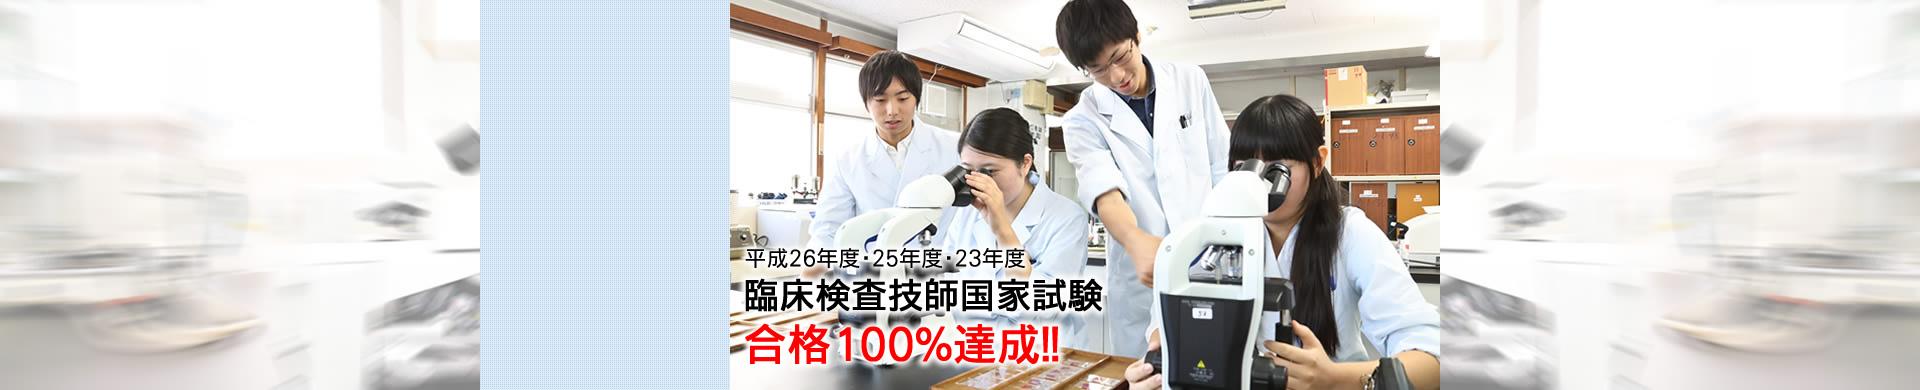 臨床検査技師国家試験 合格100%達成!